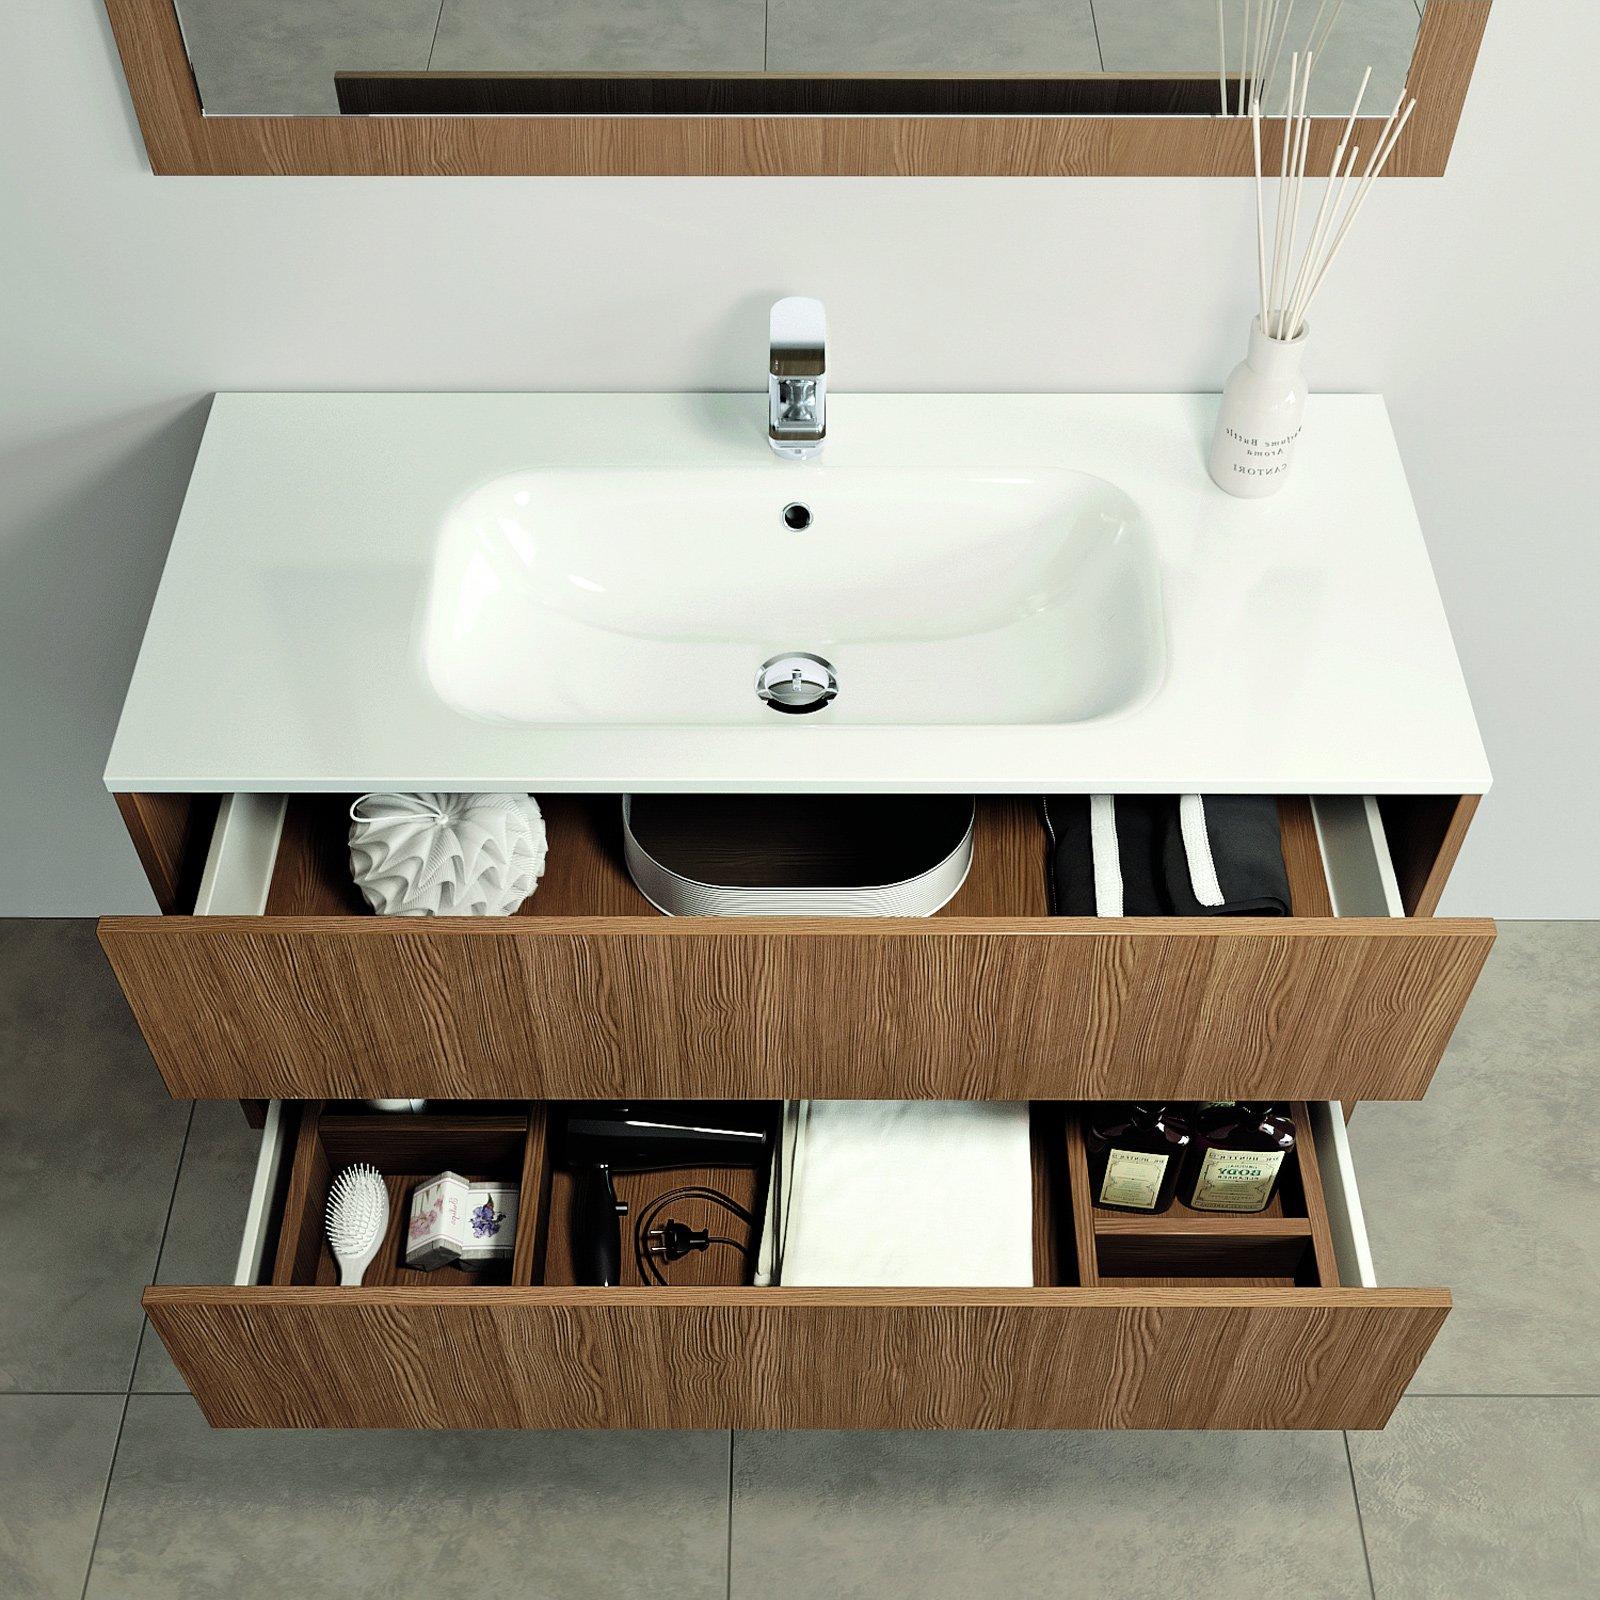 Mobili bagno con cassetti tutto in ordine sotto il lavabo - Mobiletto bagno da appendere ...